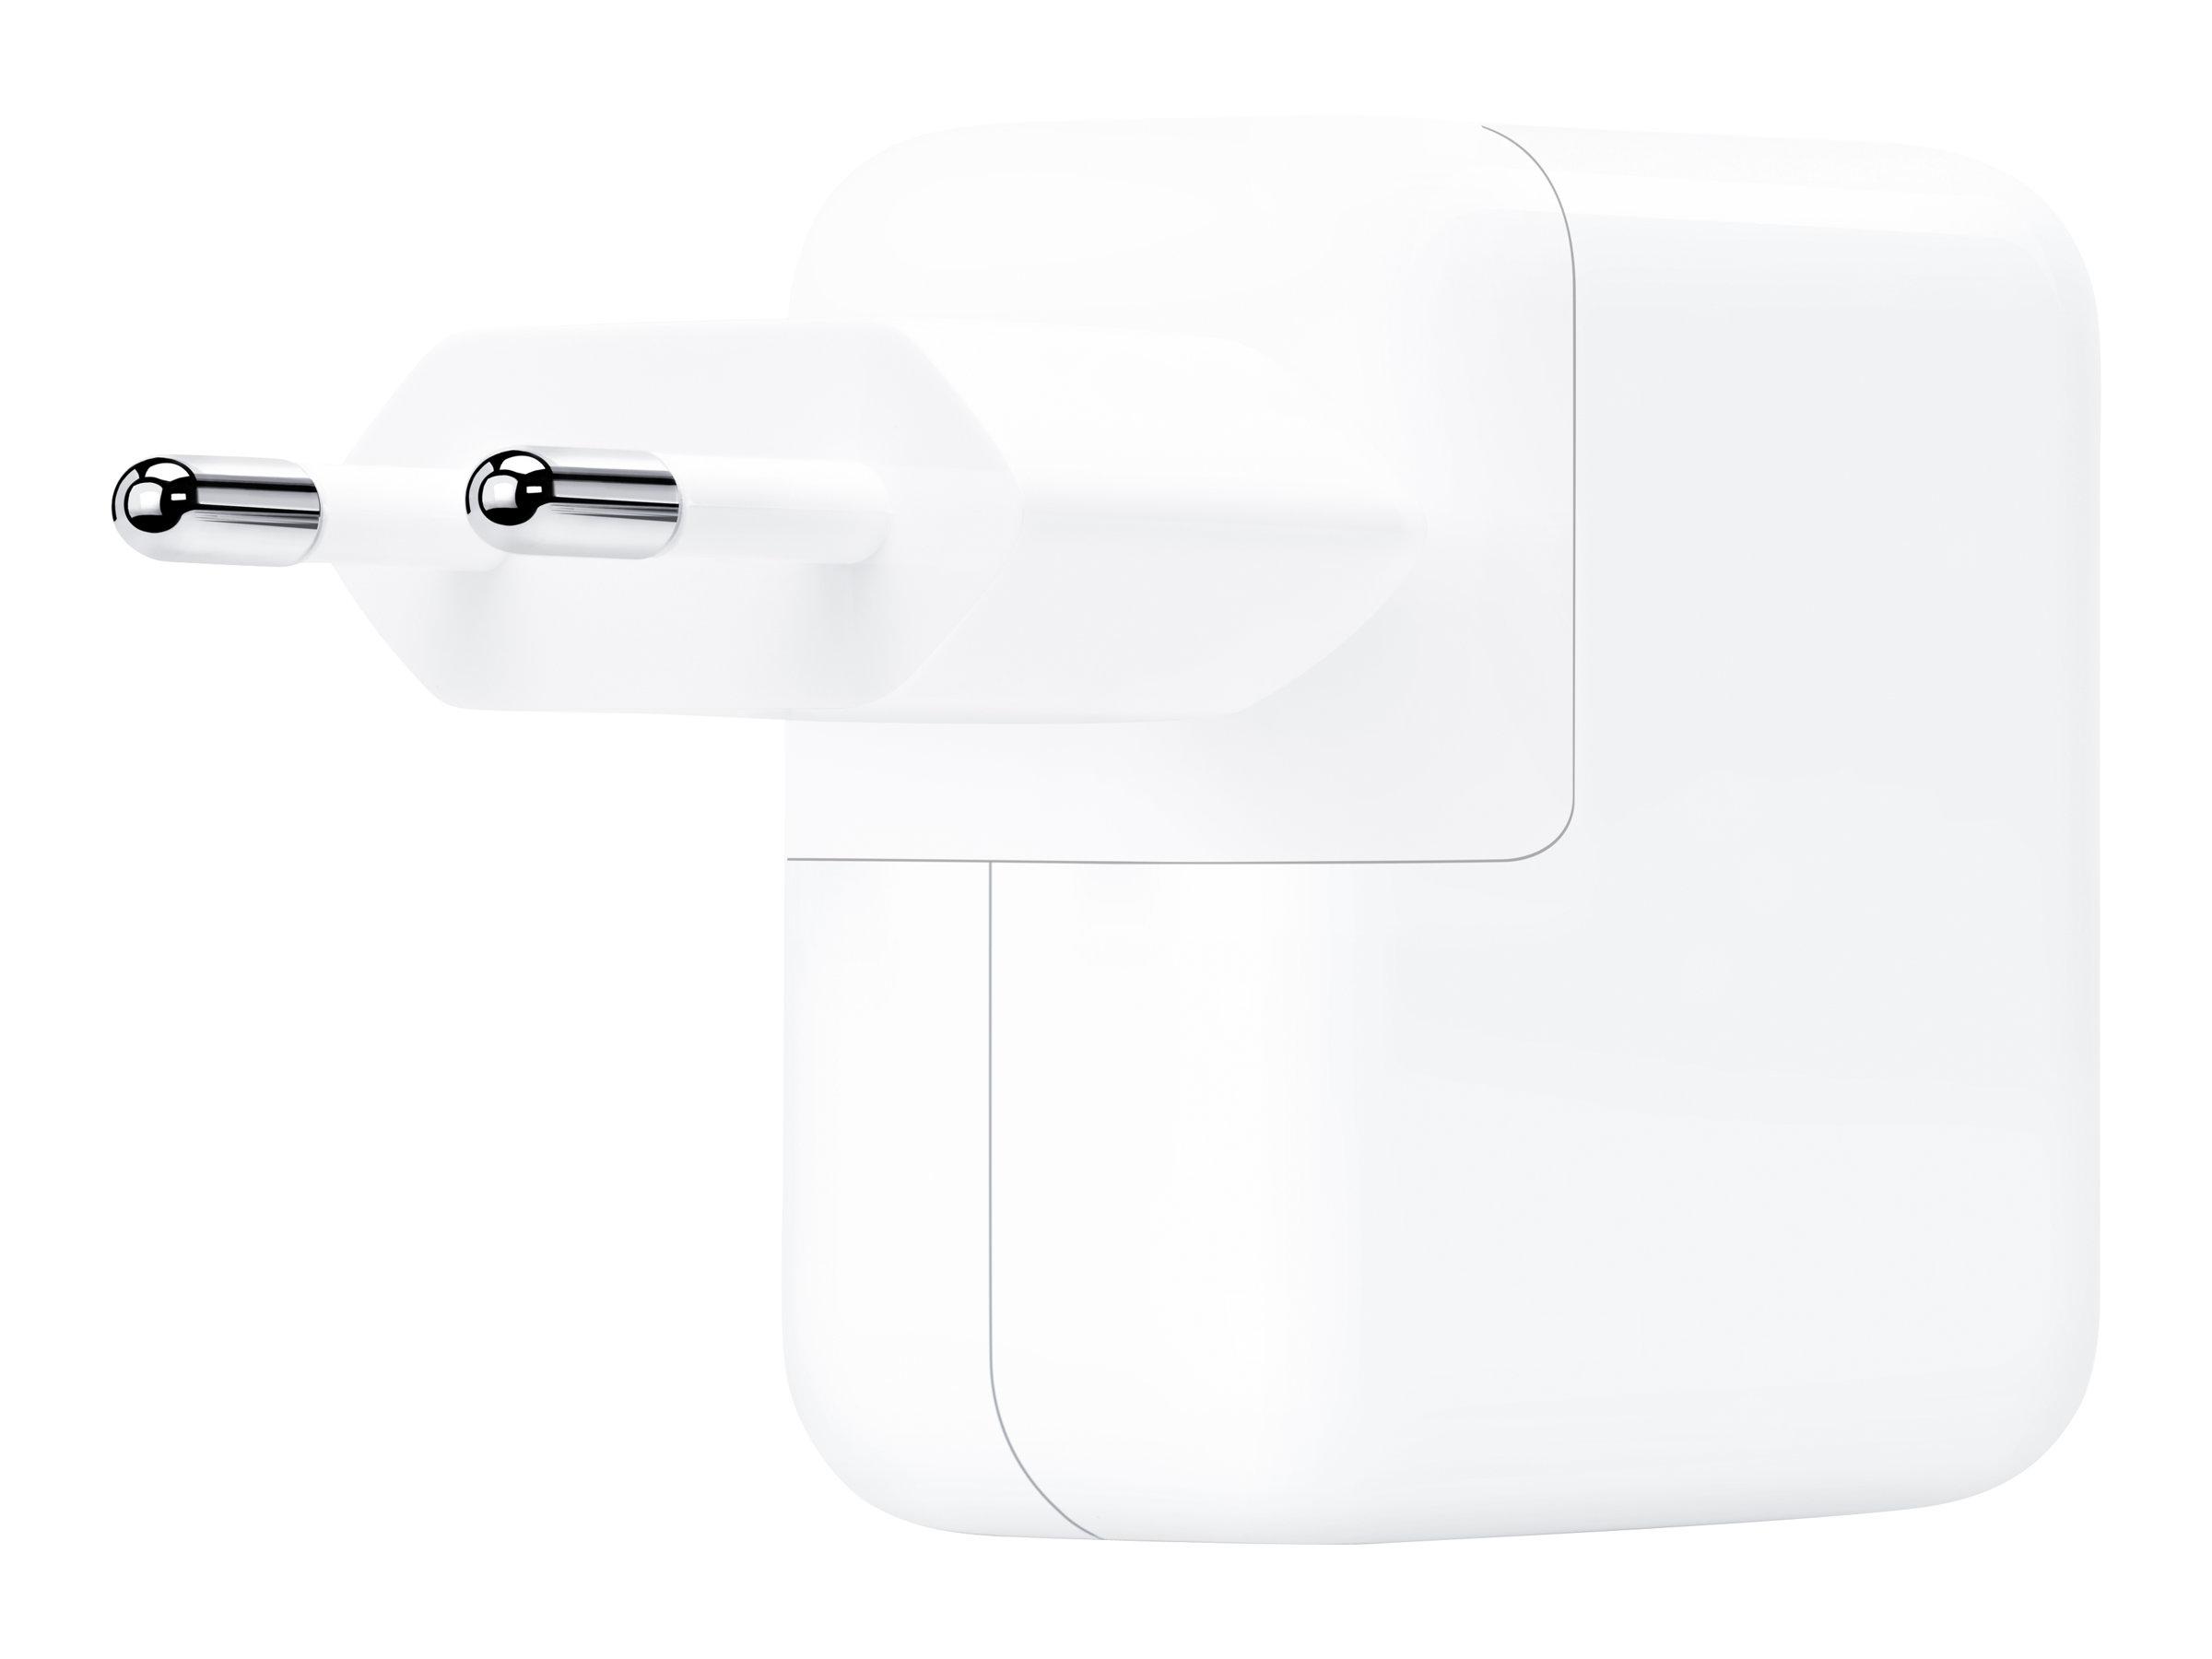 Apple USB-C - Netzteil - 30 Watt - für 10.2-inch iPad